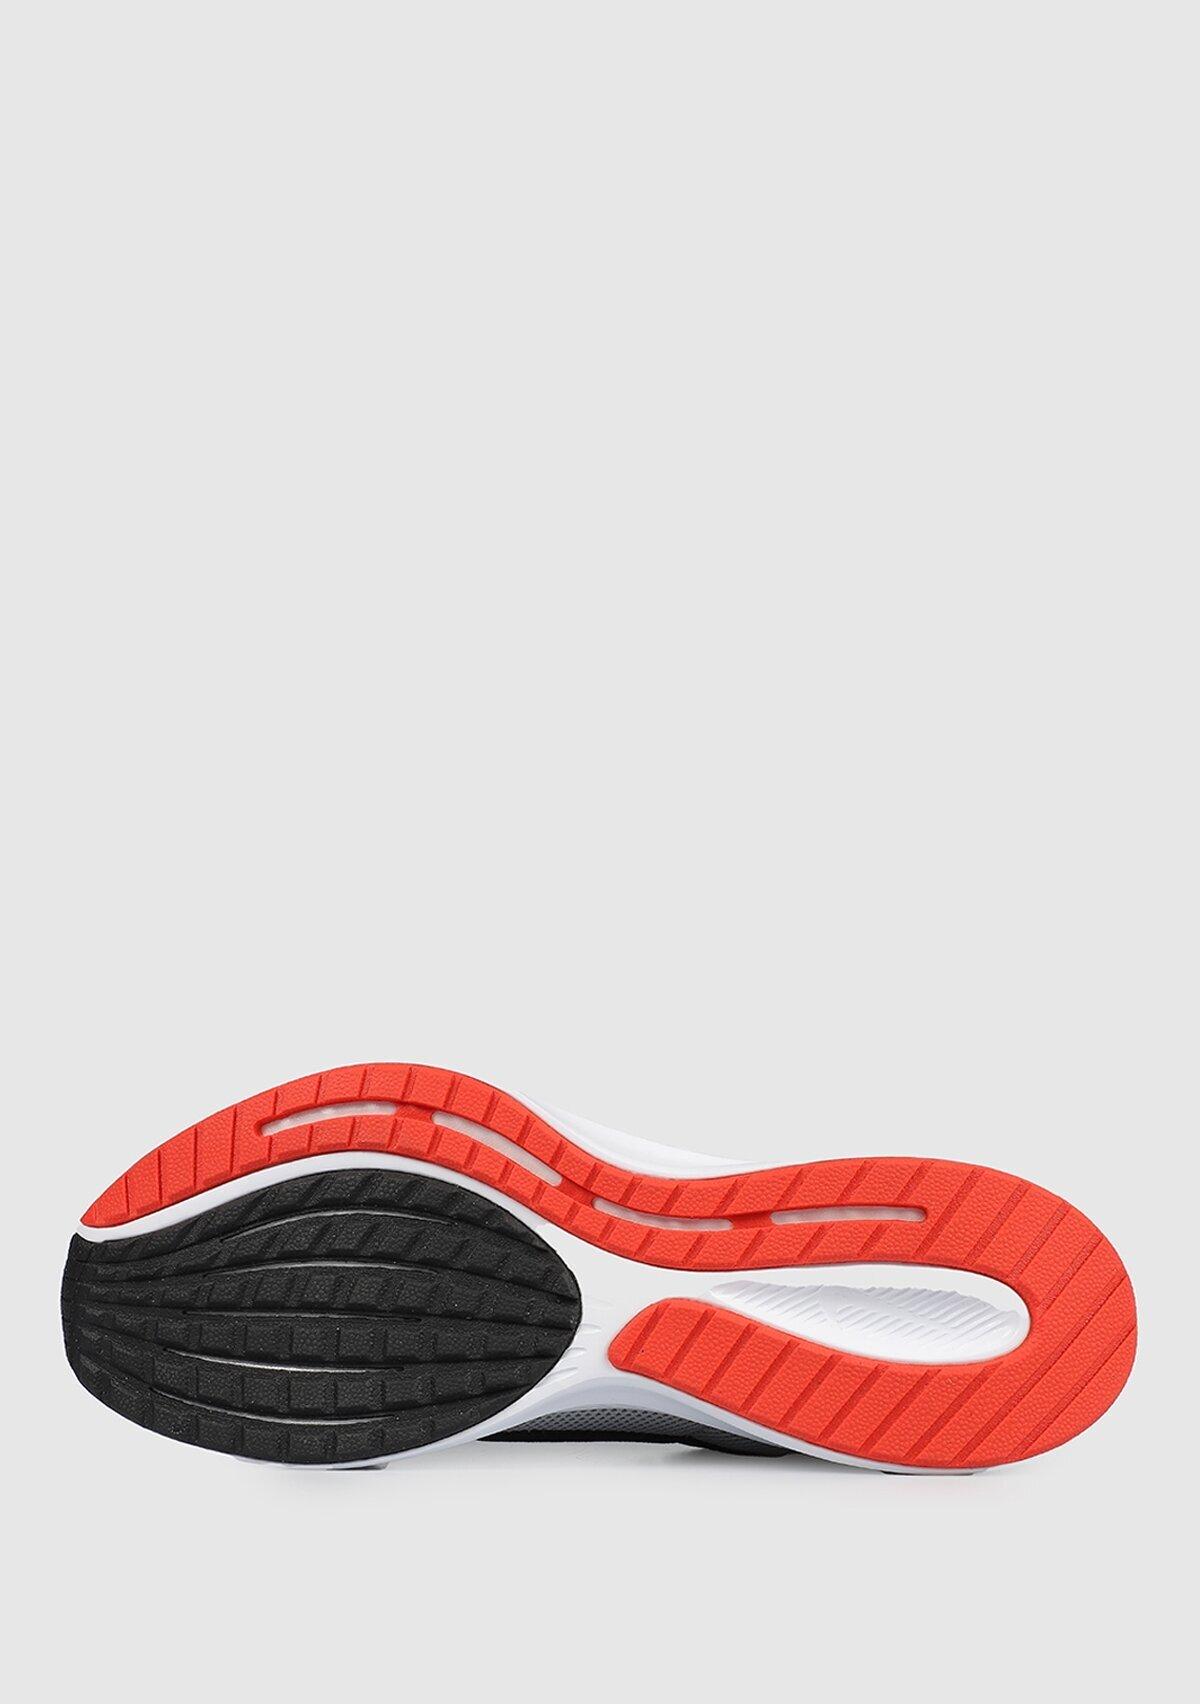 resm Runallday 2 Gri Erkek Koşu Ayakkabısı Cd0223-009